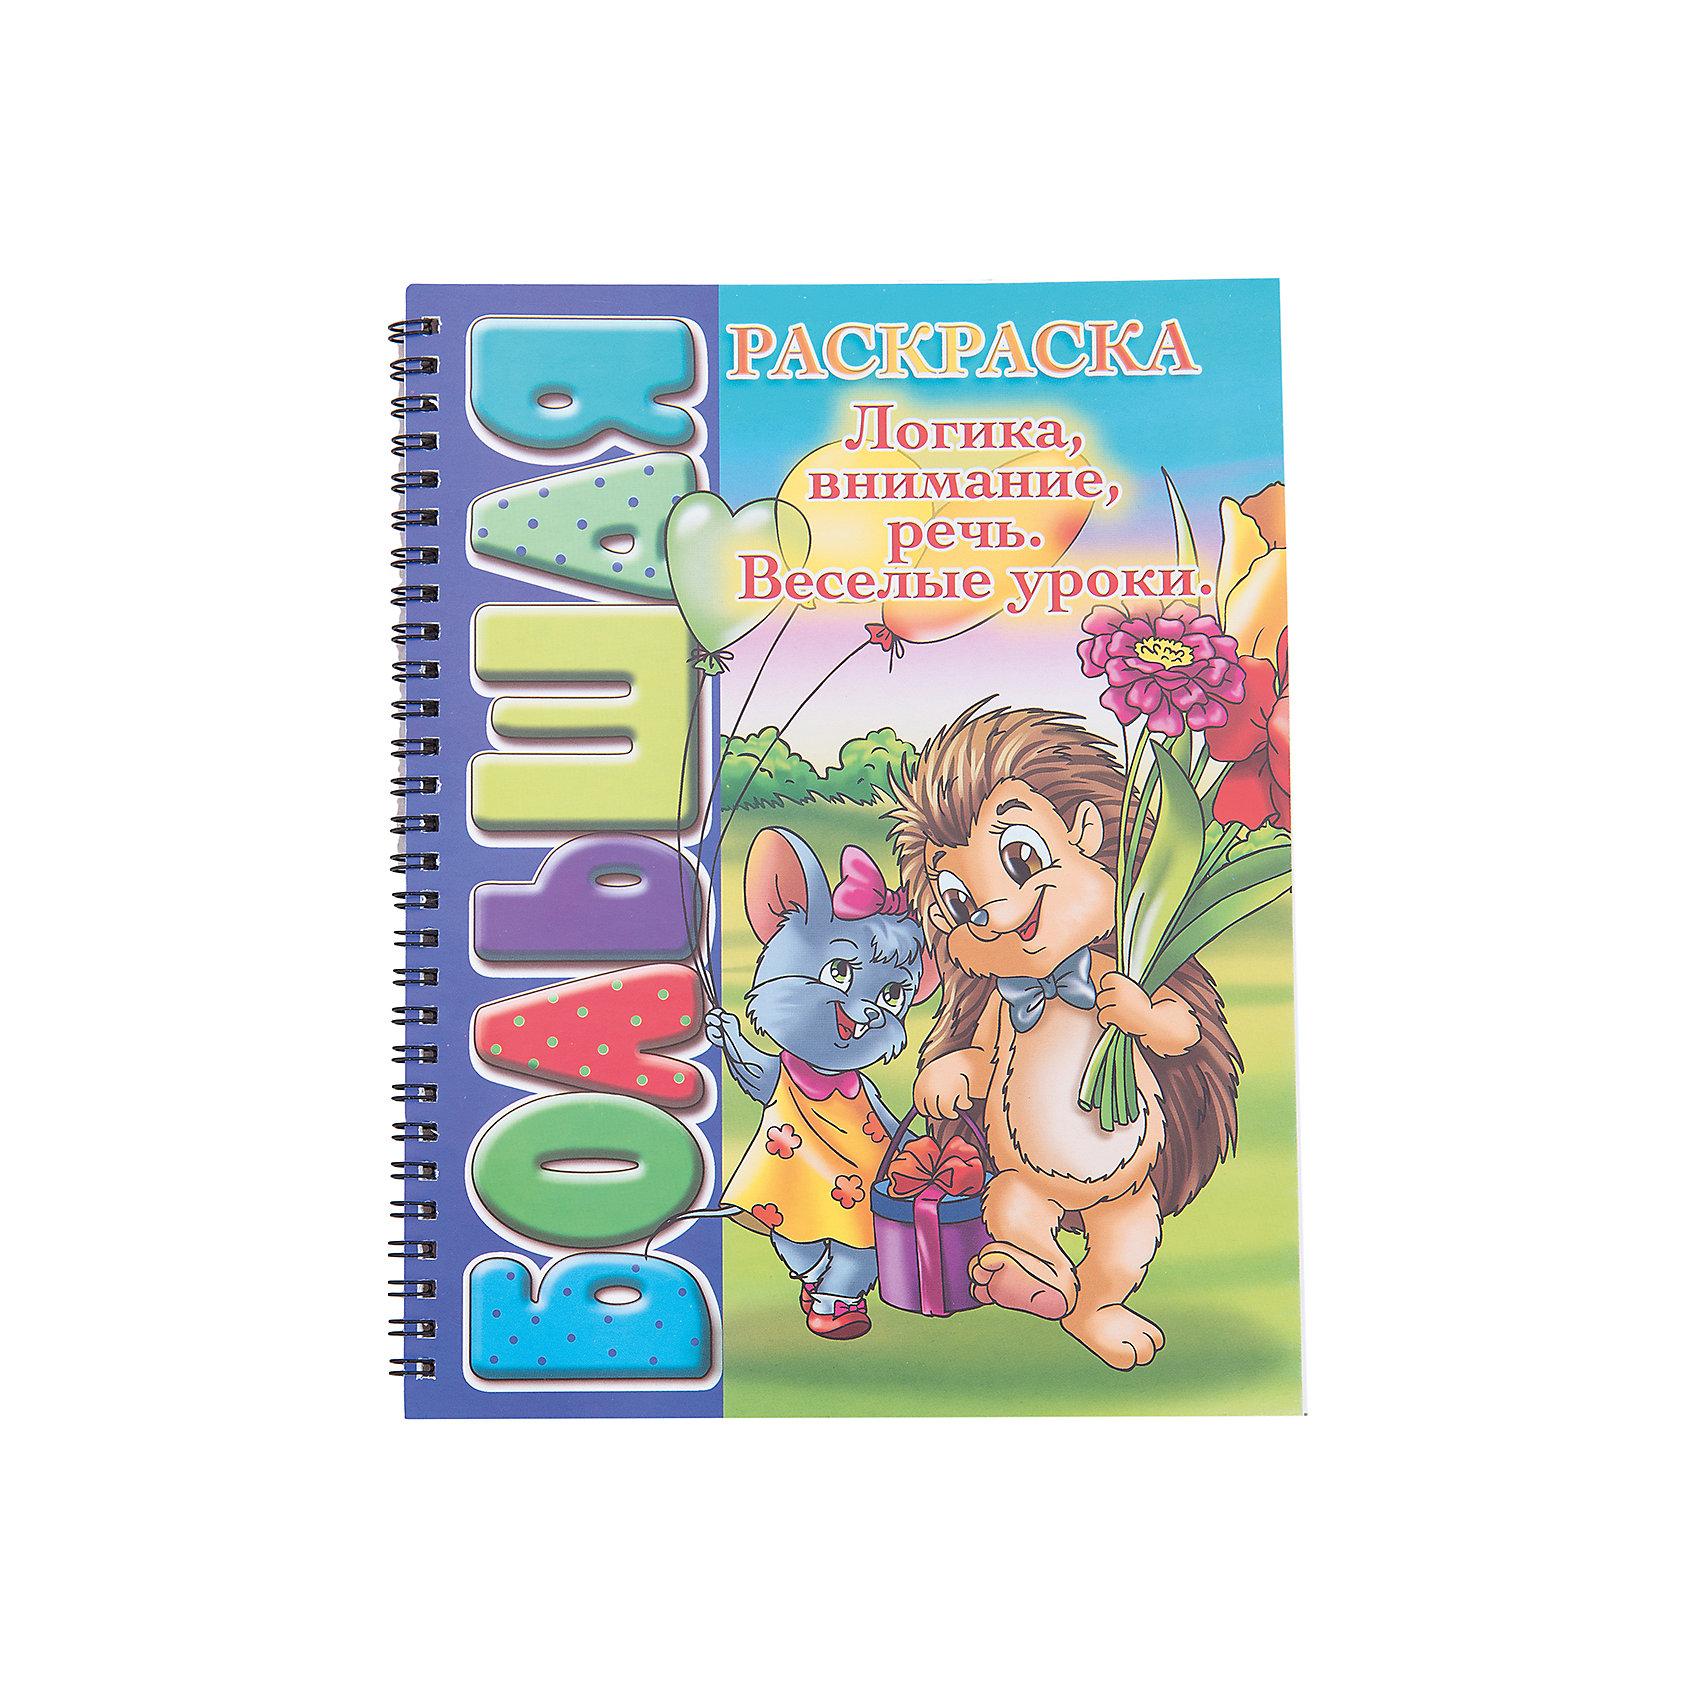 Раскраска Логика, внимание, речь, 40 страницОбучаться и тренировать мышление можно в игровой форме! Книжки-раскраски - это отличный вариант подарка ребенку, который одновременно и развлечет его, и позволит ему развивать важные навыки. Эта раскраска создана для детей, любящих сказки.<br>Раскрашивание картинок в этом издании способствует развитию у малышей мелкой моторики, цветовосприятия, художественного вкуса, внимания и воображения. Раскраска отличается удобным форматом, а также отличным качеством печати и бумаги. <br><br>Дополнительная информация:<br><br>формат: А4;<br>офсетная печать;<br>страниц: 40.<br><br>Раскраску Что нас окружает?, 40 страниц можно купить в нашем магазине.<br><br>Ширина мм: 100<br>Глубина мм: 100<br>Высота мм: 10<br>Вес г: 50<br>Возраст от месяцев: 36<br>Возраст до месяцев: 120<br>Пол: Унисекс<br>Возраст: Детский<br>SKU: 4993589